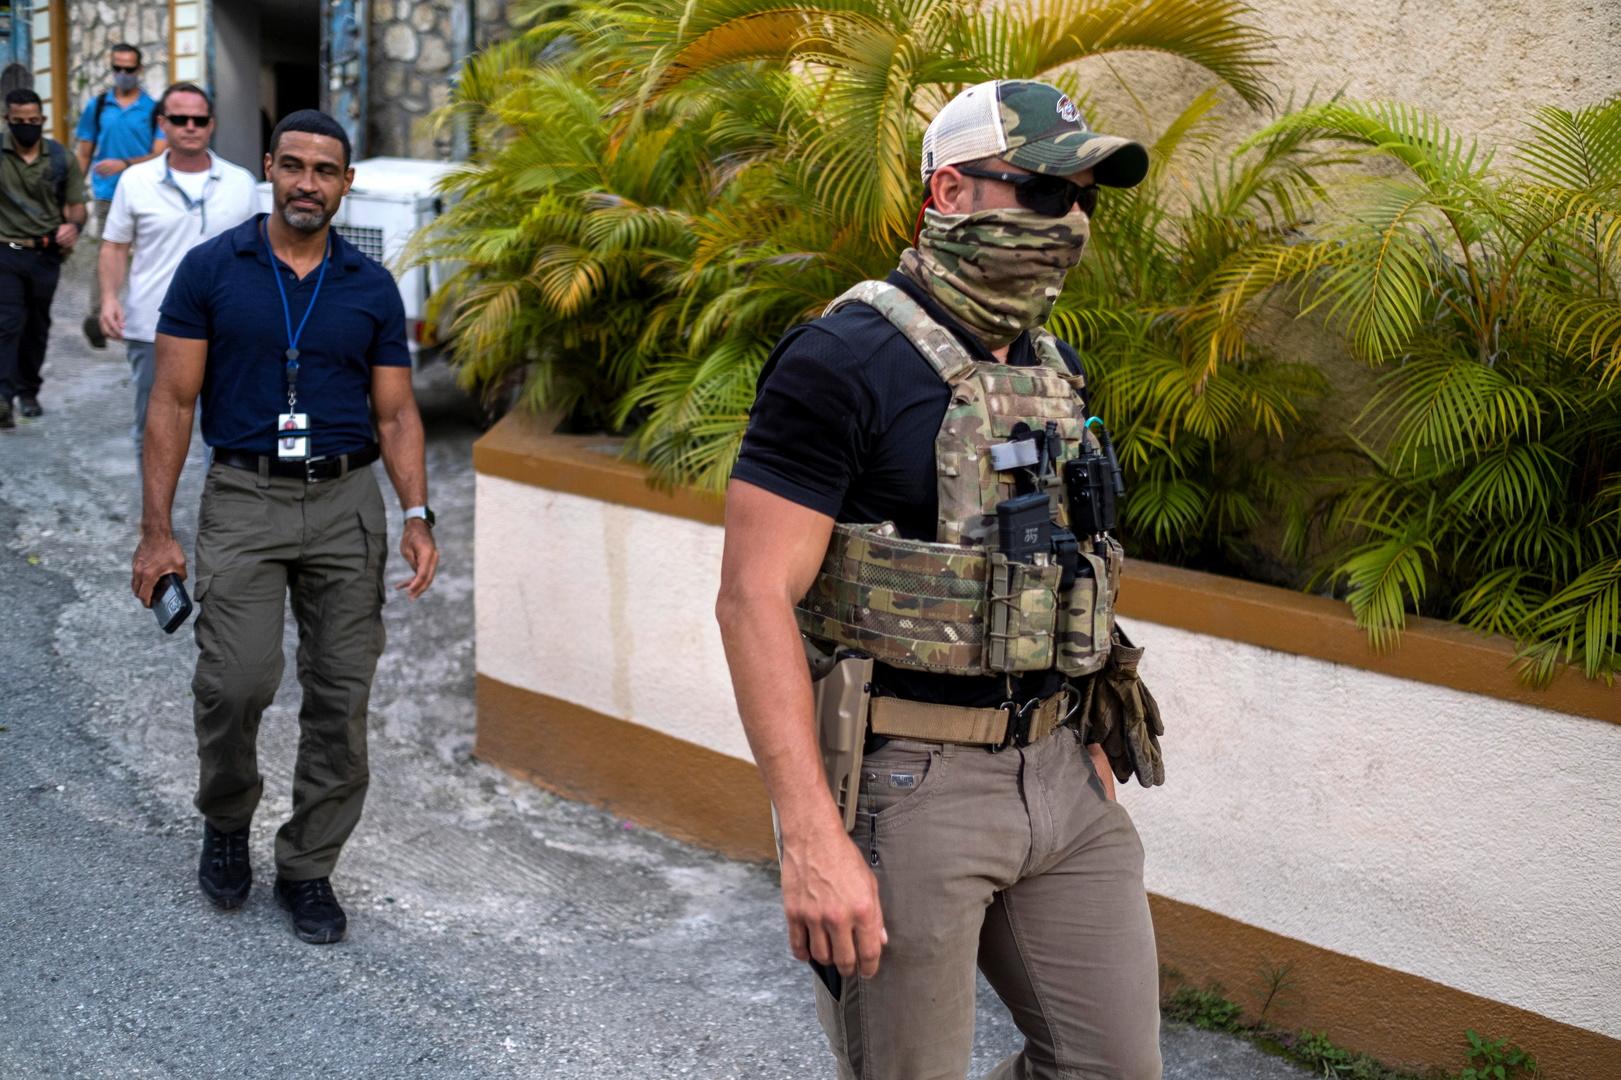 الخارجية الأمريكية: 6 يشتبه في تورطهم باغتيال رئيس هايتي تدربوا في برنامج عسكري أمريكي